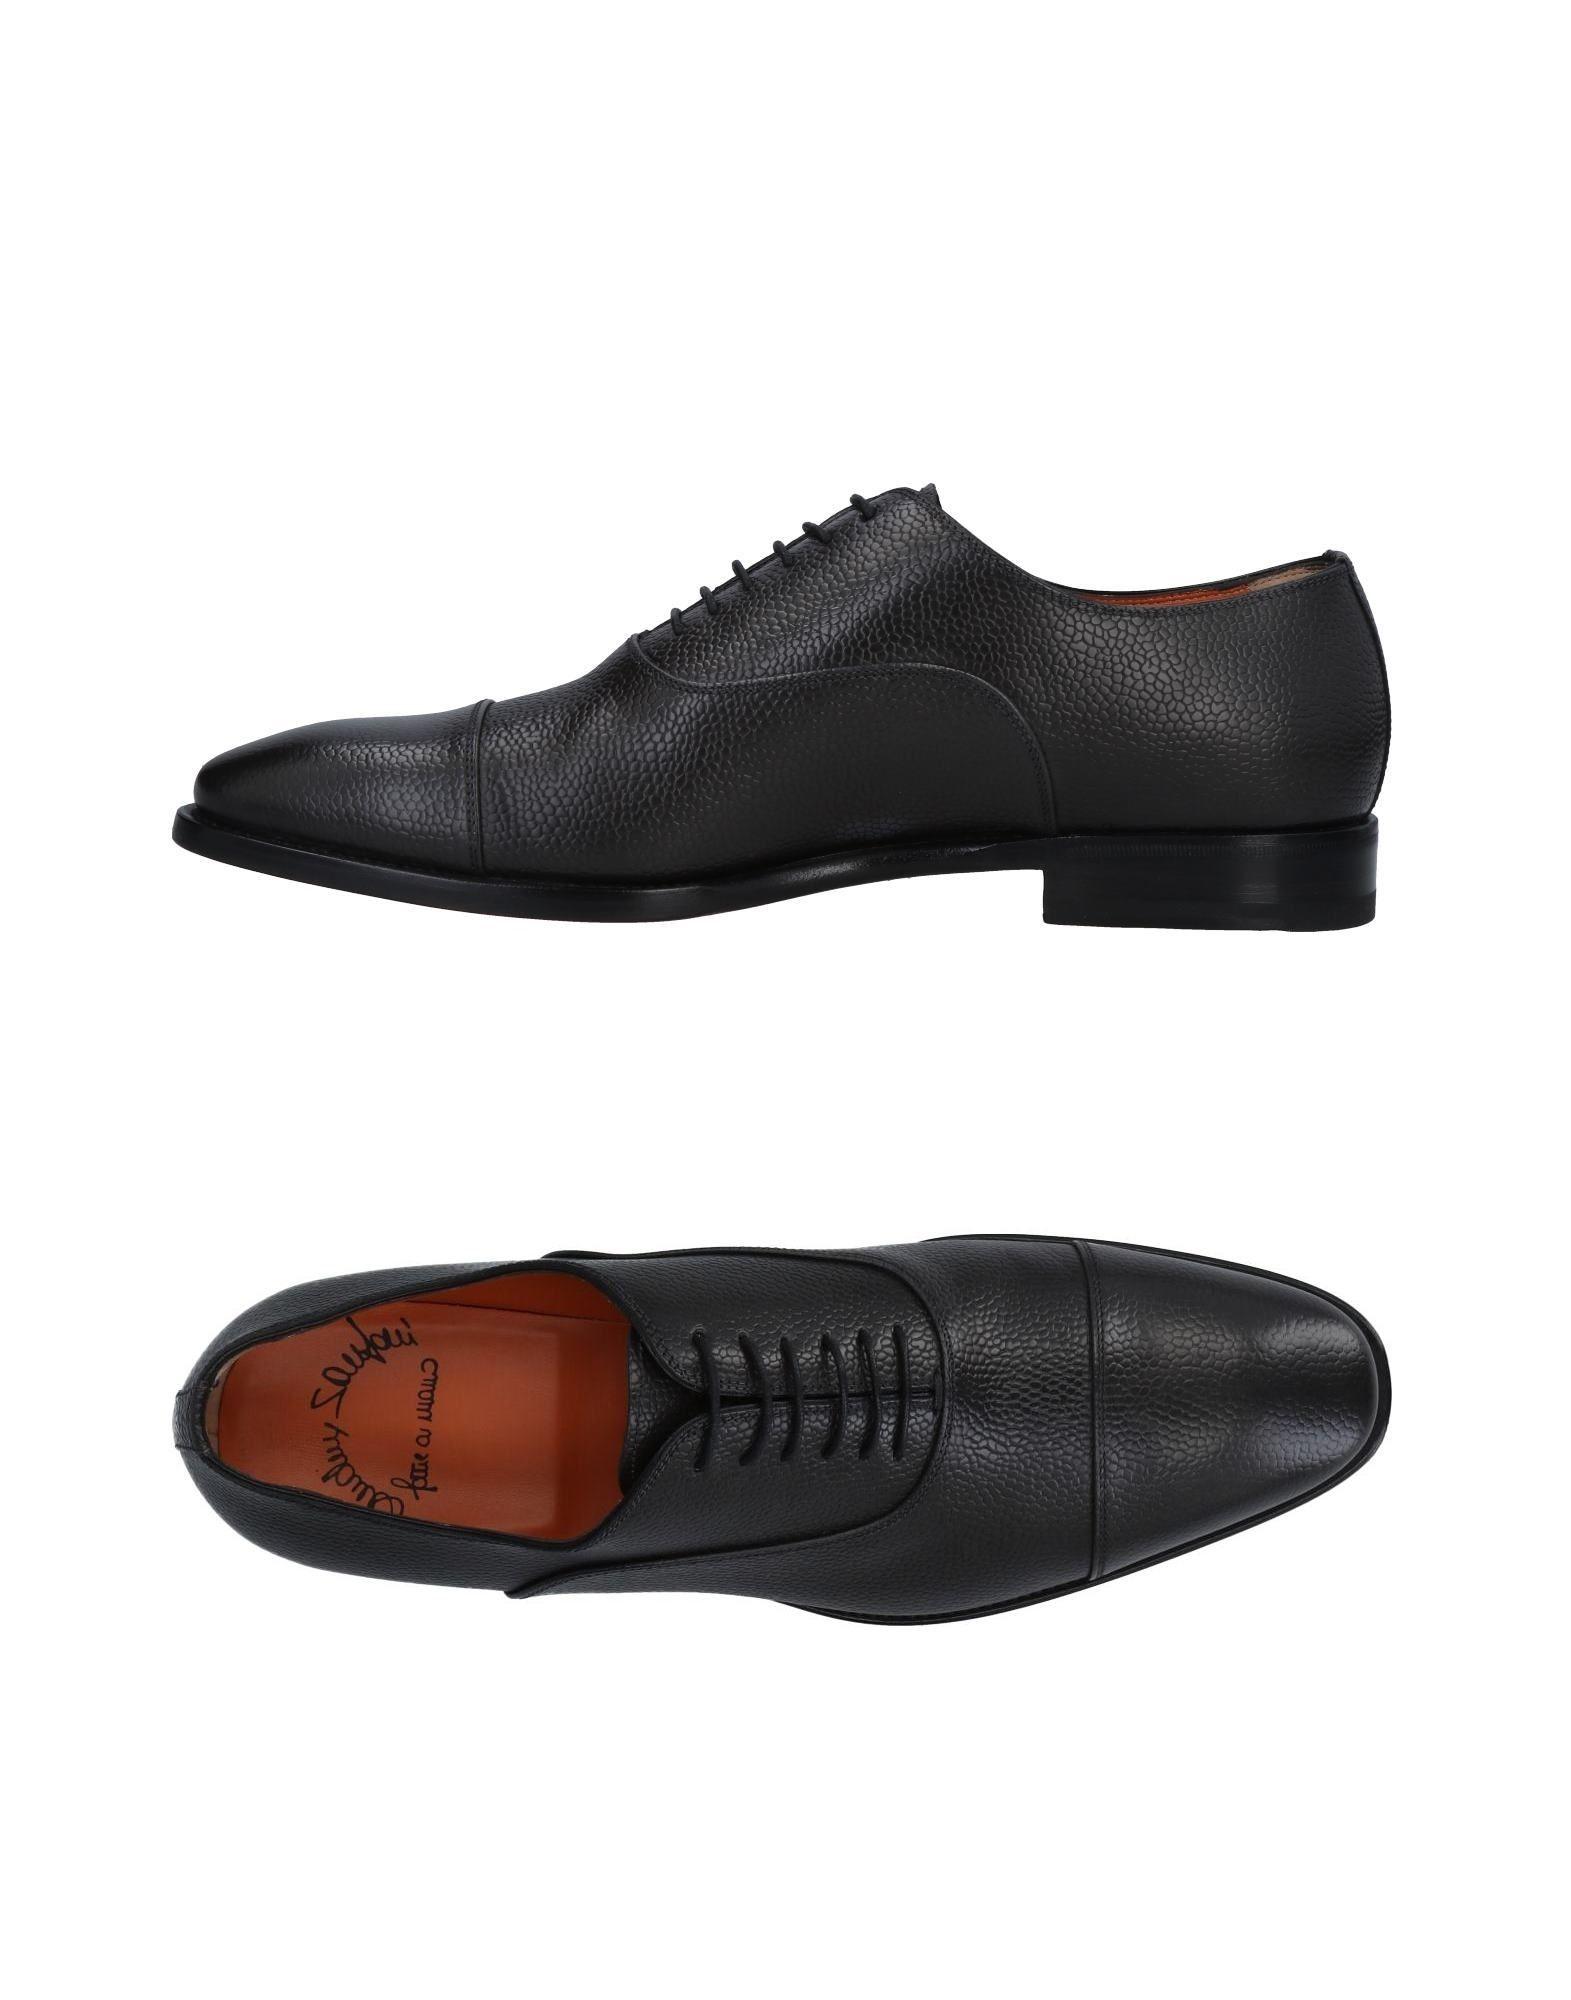 Santoni Schnürschuhe Herren  11479514FX Gute Qualität beliebte Schuhe